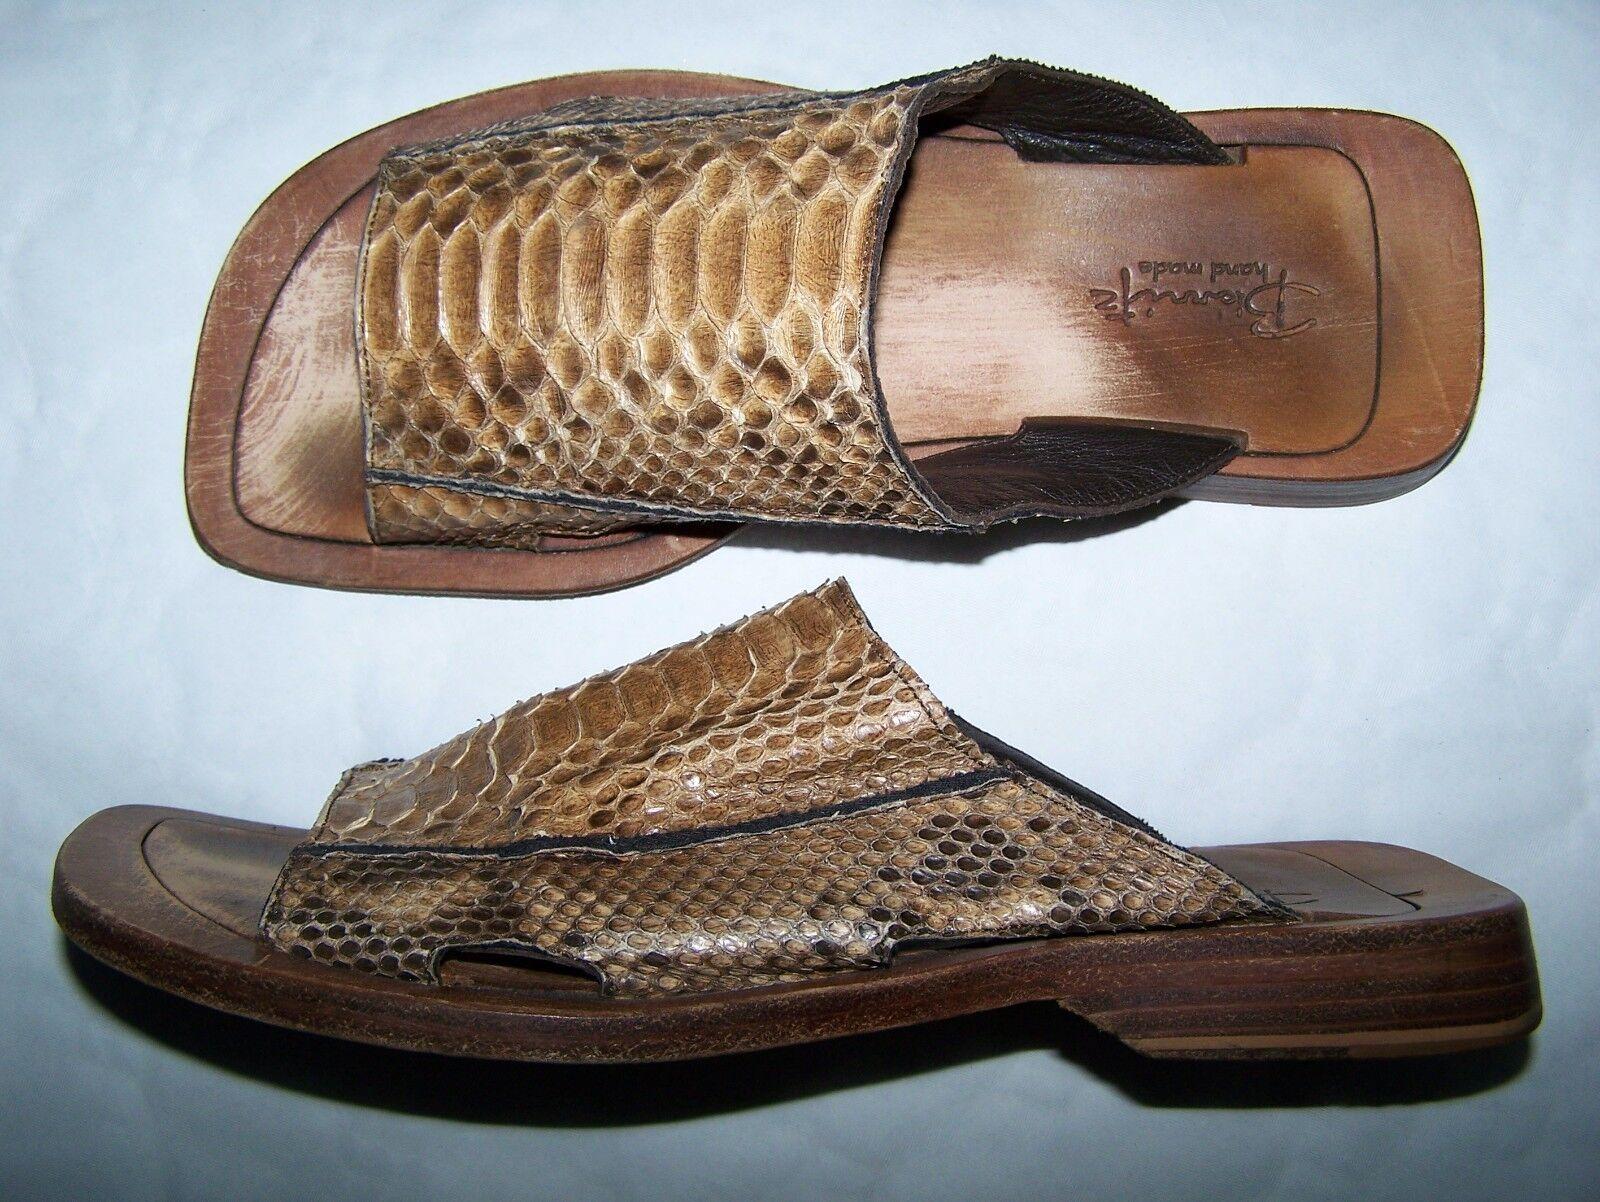 zapatos  BIARRITZ  Sandals Python No. 42 Summer Python zapatos Hand Made in